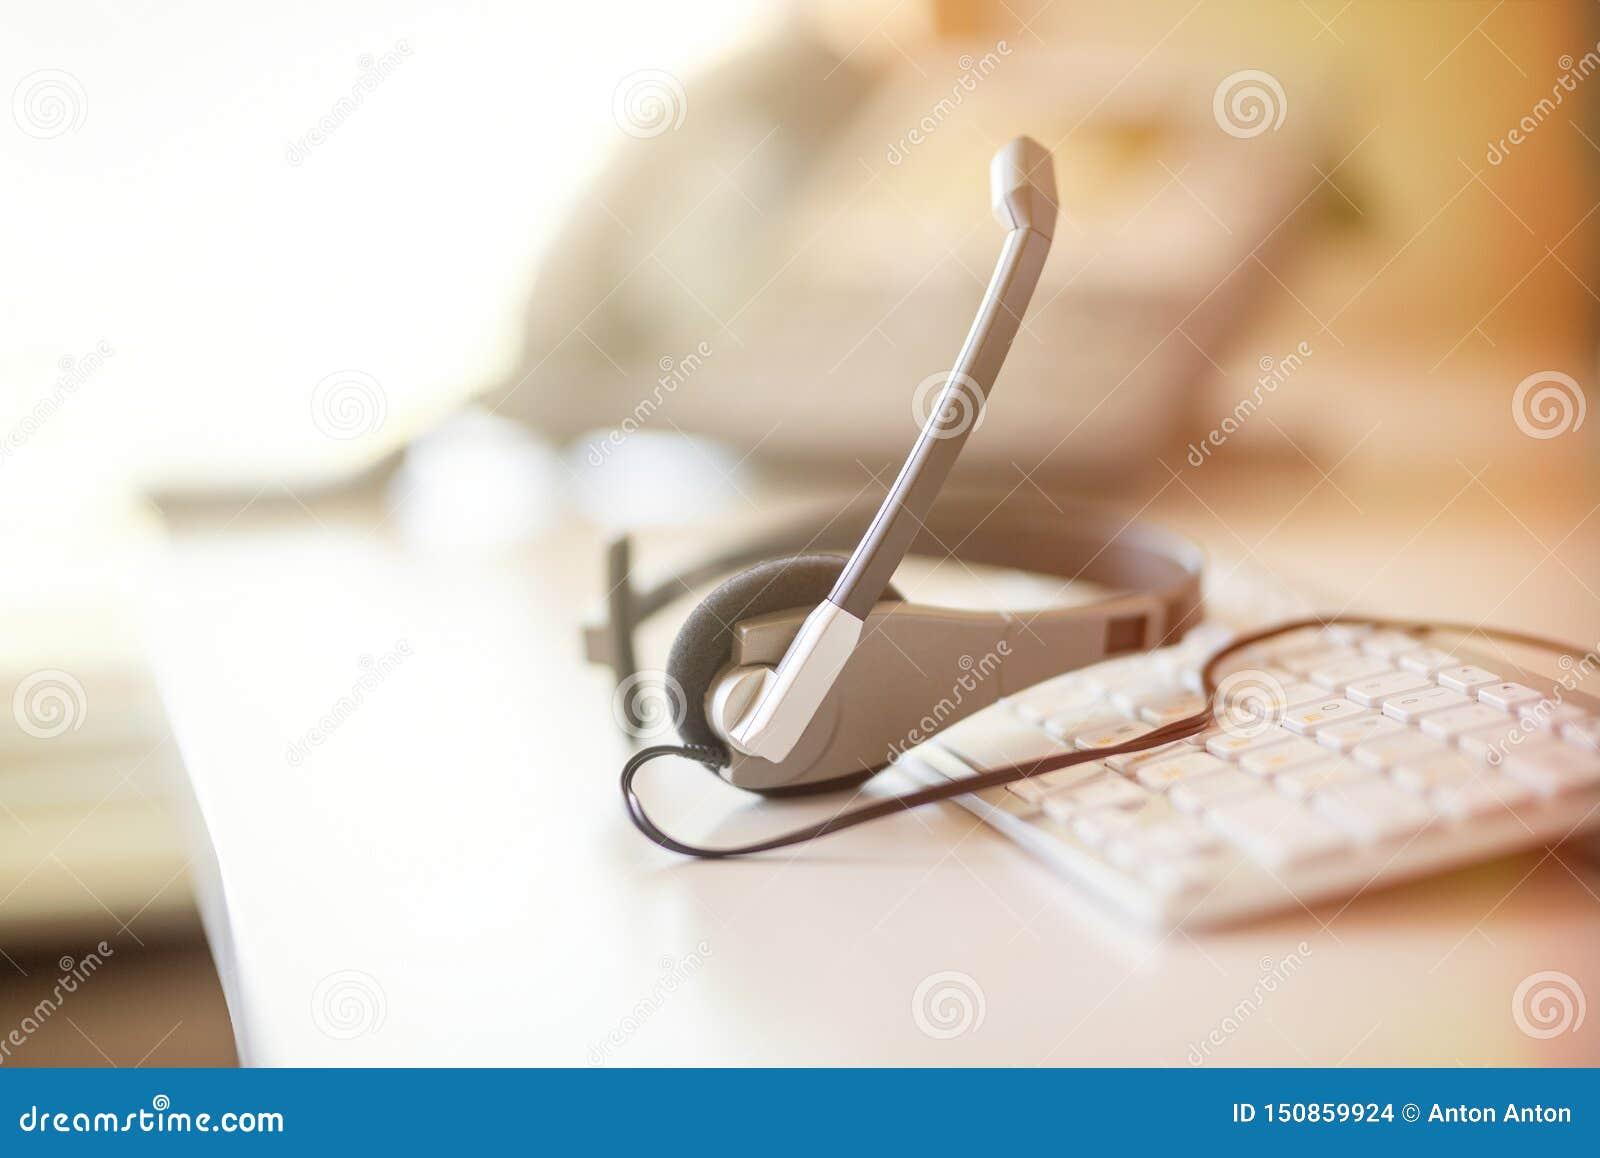 De telefoon en het toetsenbord van de hoofdtelefoonhoofdtelefoon spreken, steunen, mededeling, call centre en klantenservice, bed